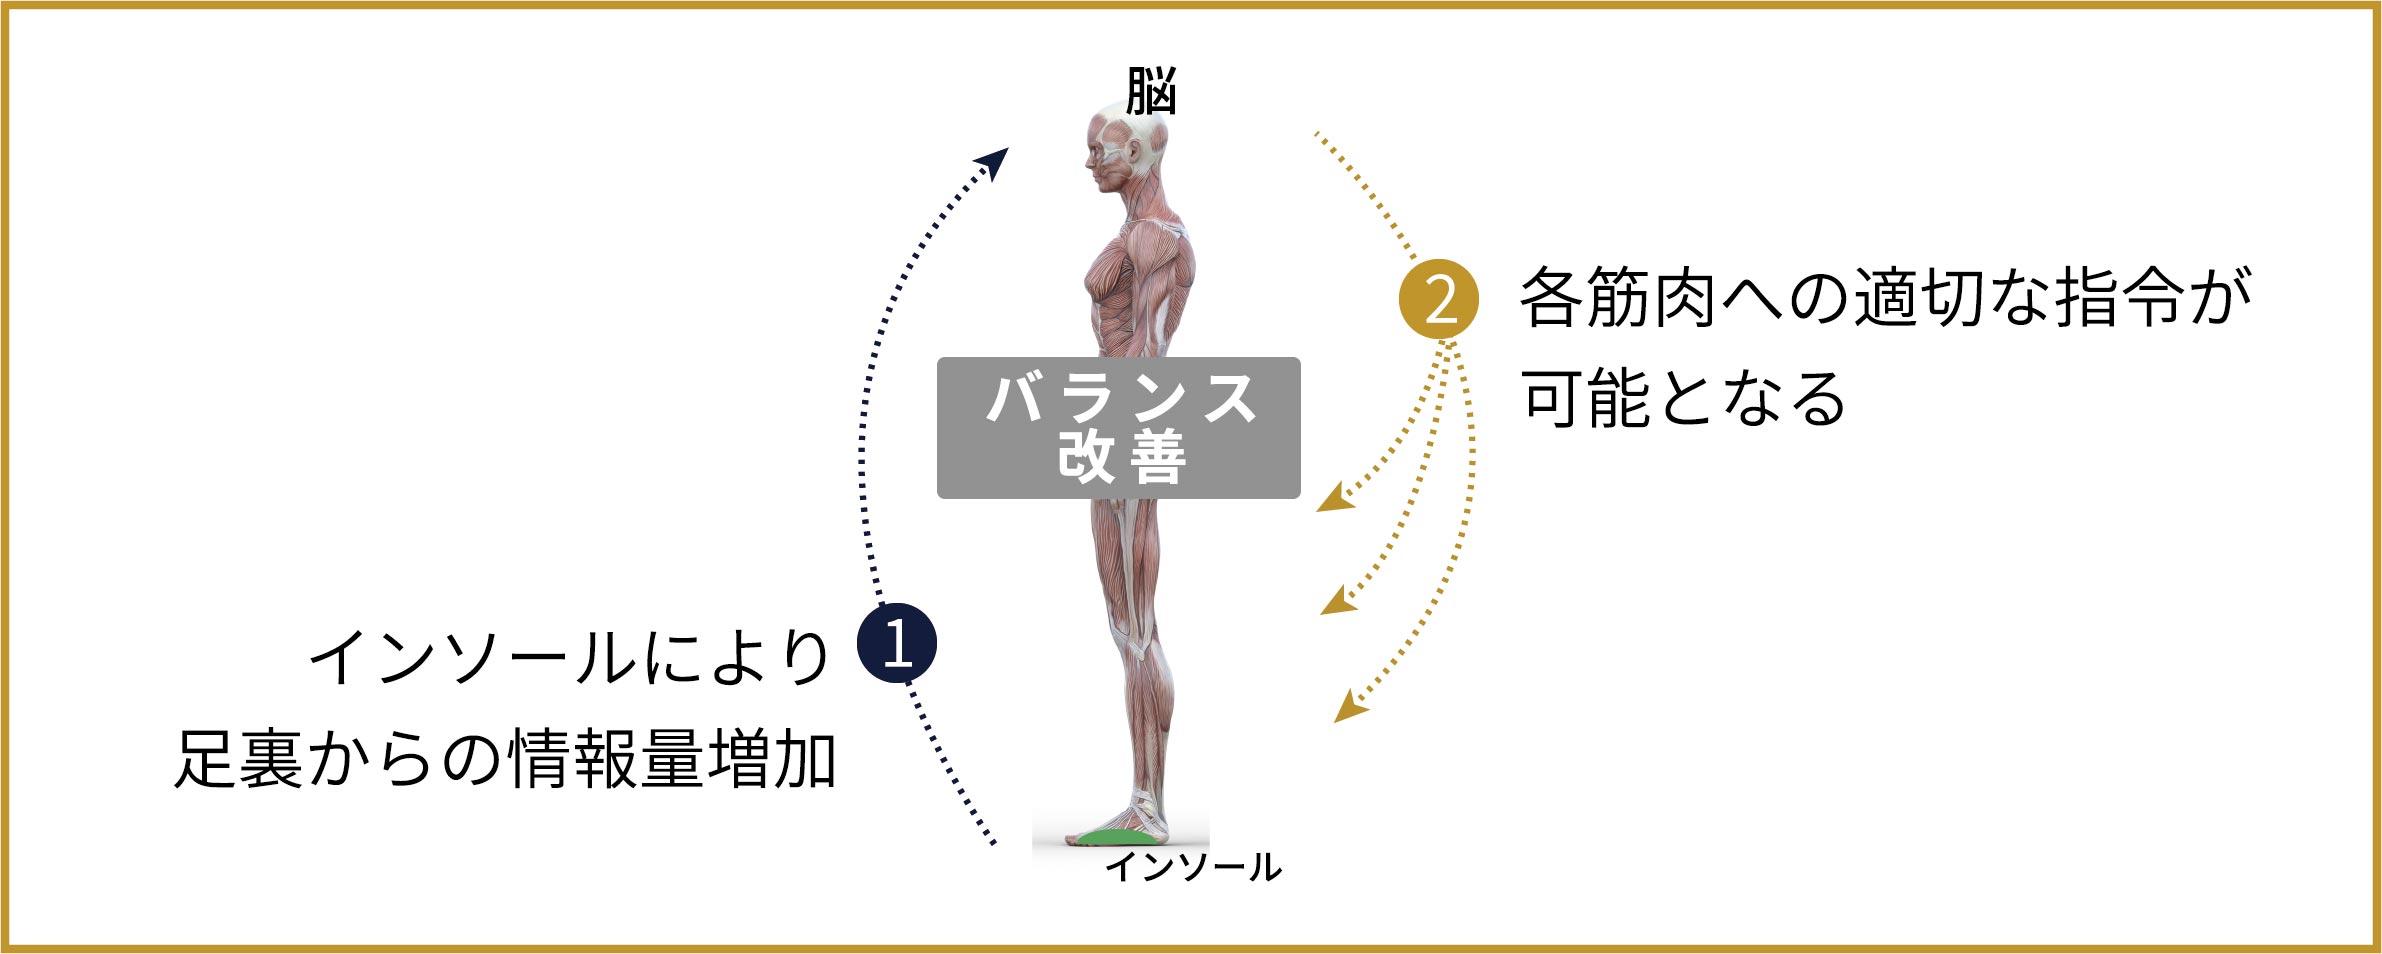 1.インソールにより足裏からの情報量増加 2.各筋肉への適切な指令が可能となる バランス改善